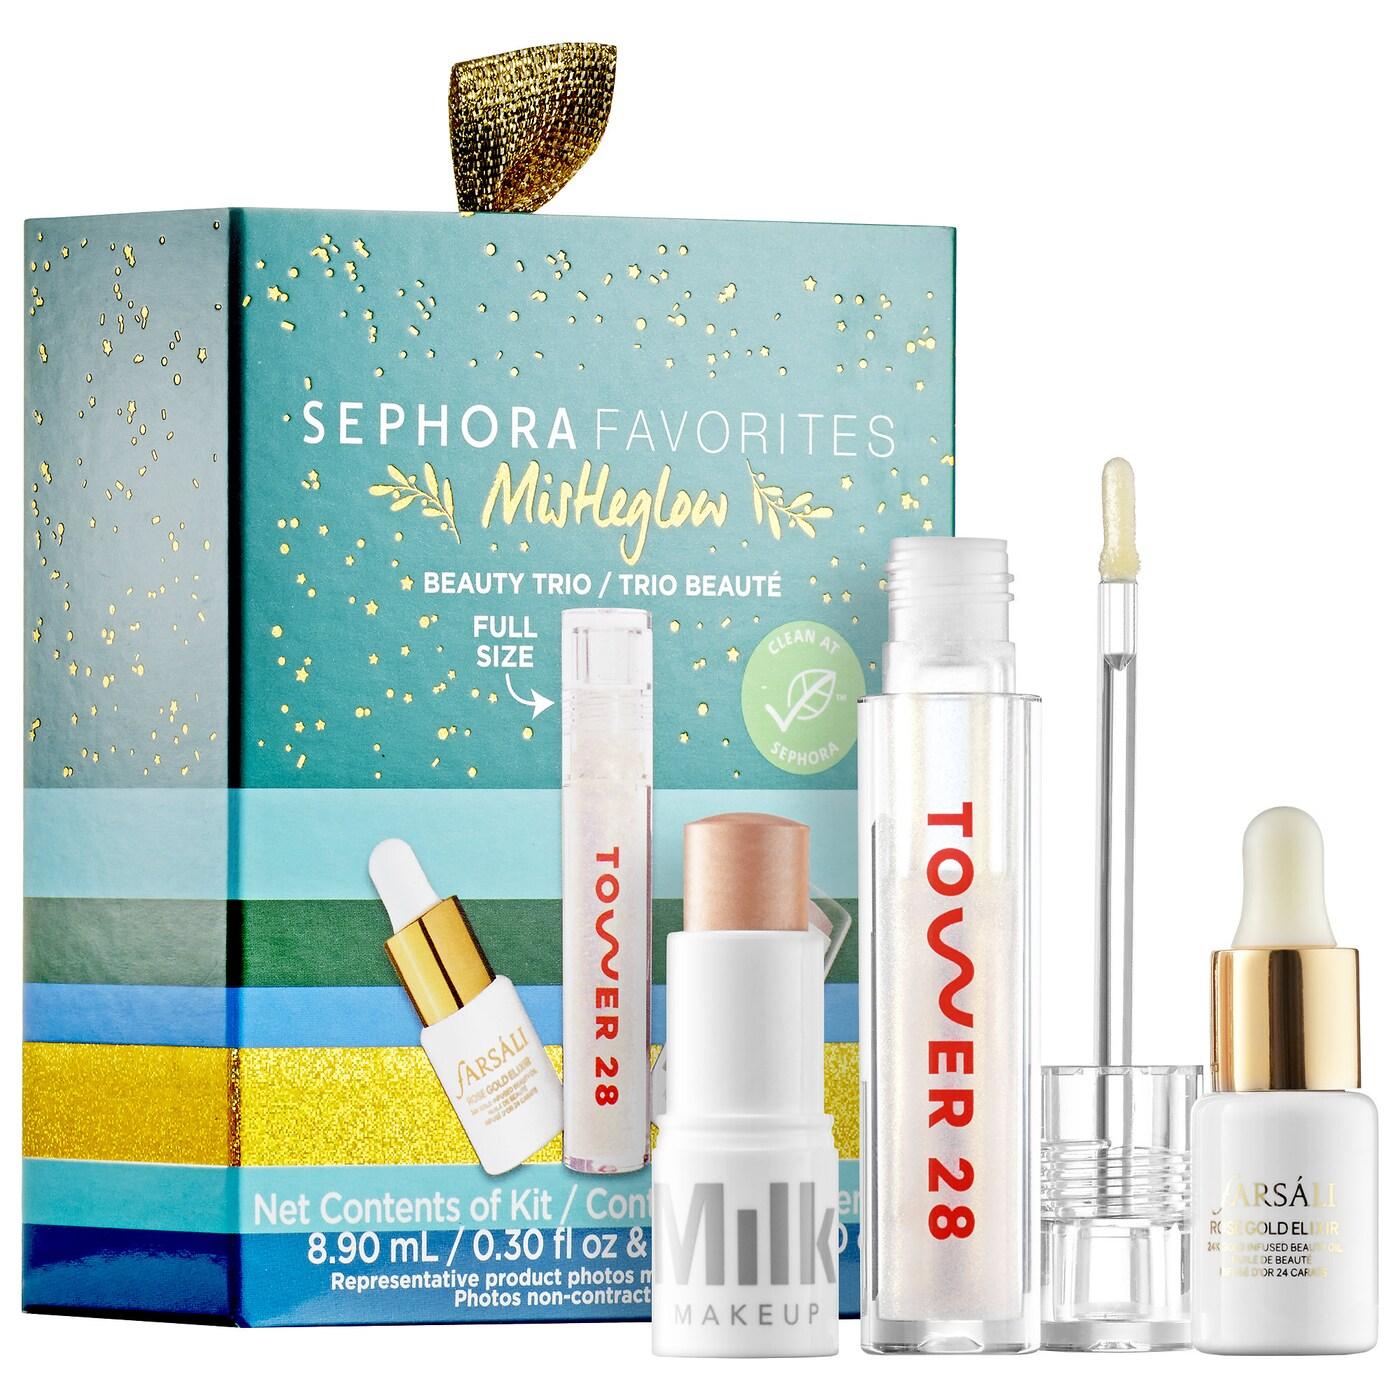 Kit Mini Mistleglow Clean Highlight Set - Sephora Favorites